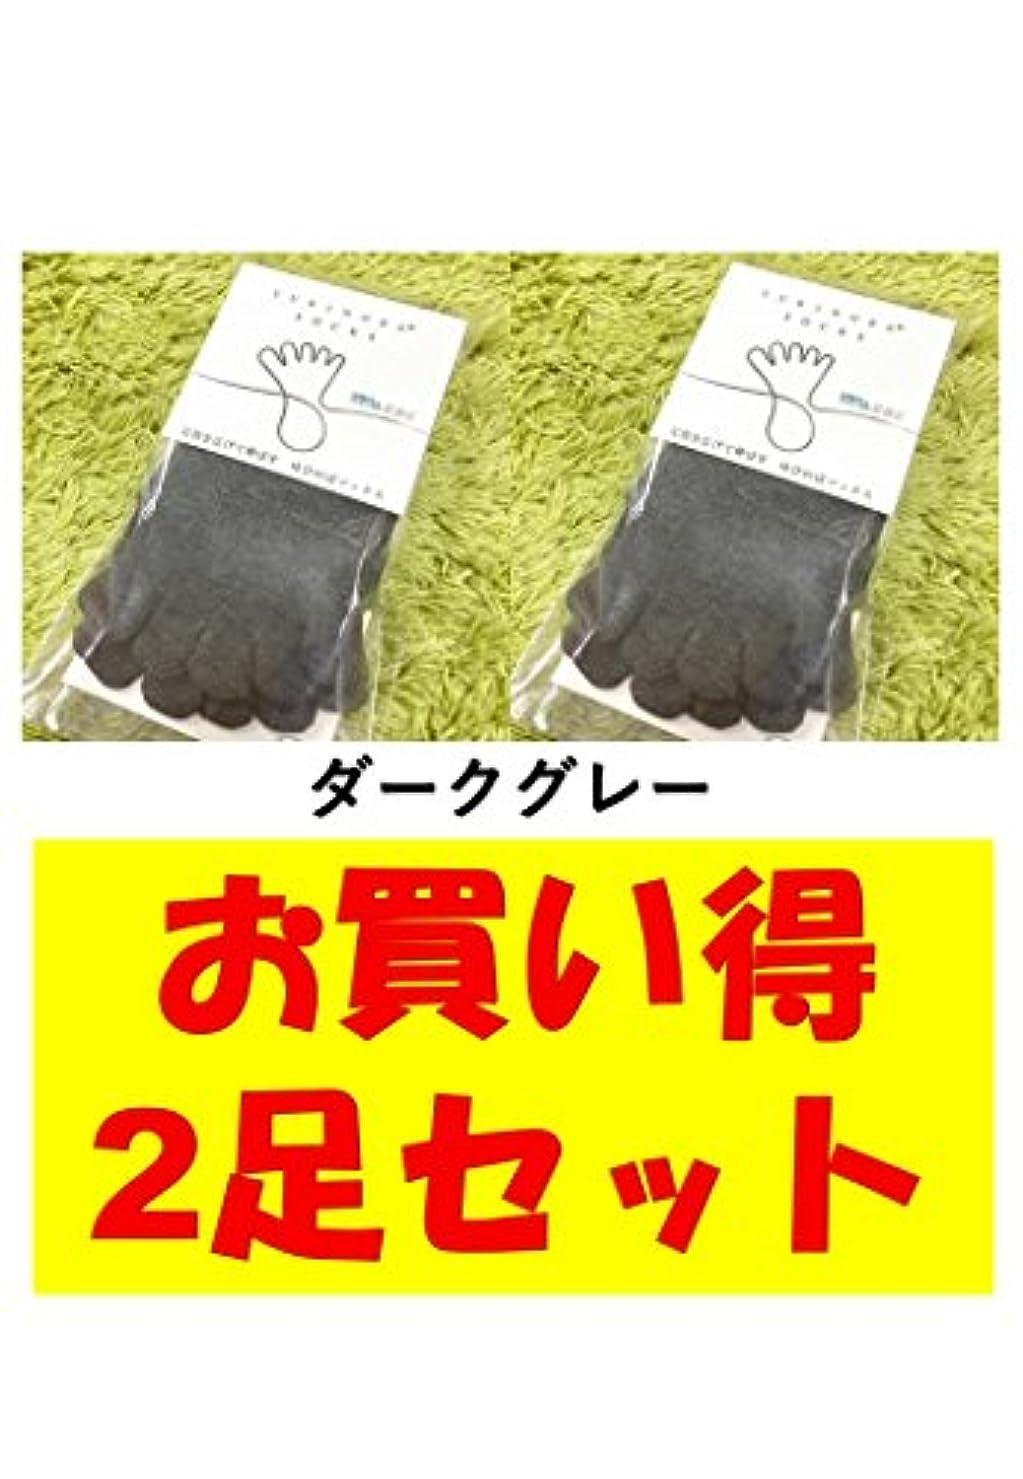 果てしない永遠に世辞お買い得2足セット 5本指 ゆびのばソックス ゆびのばレギュラー ダークグレー 男性用 25.5cm-28.0cm HSREGR-DGL